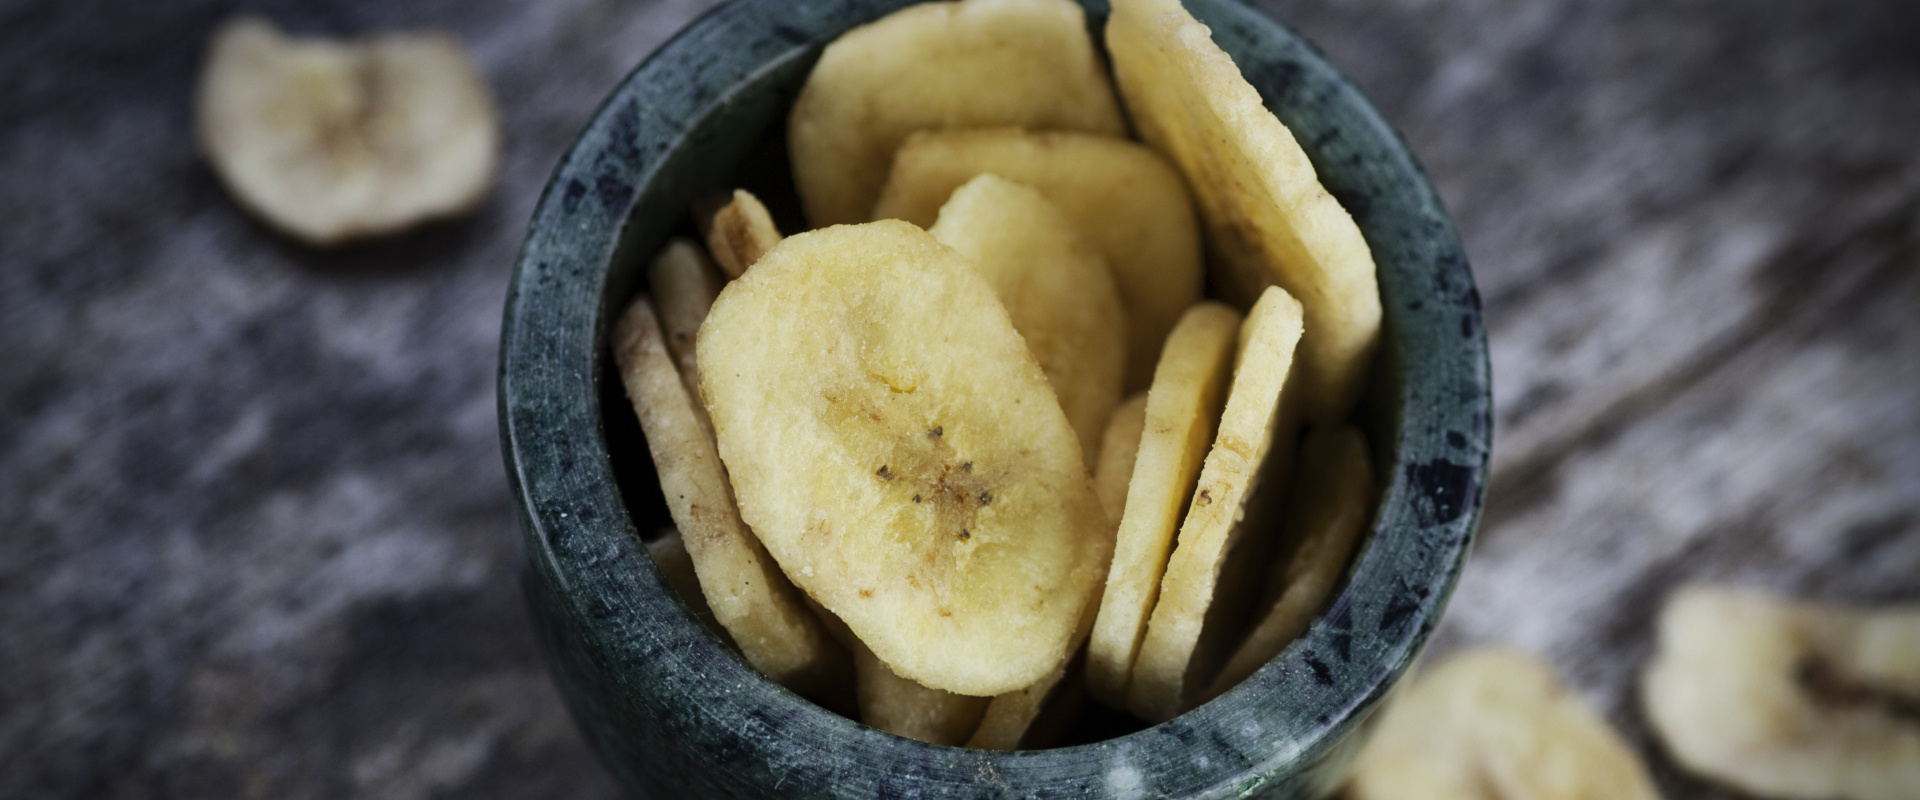 banánchips